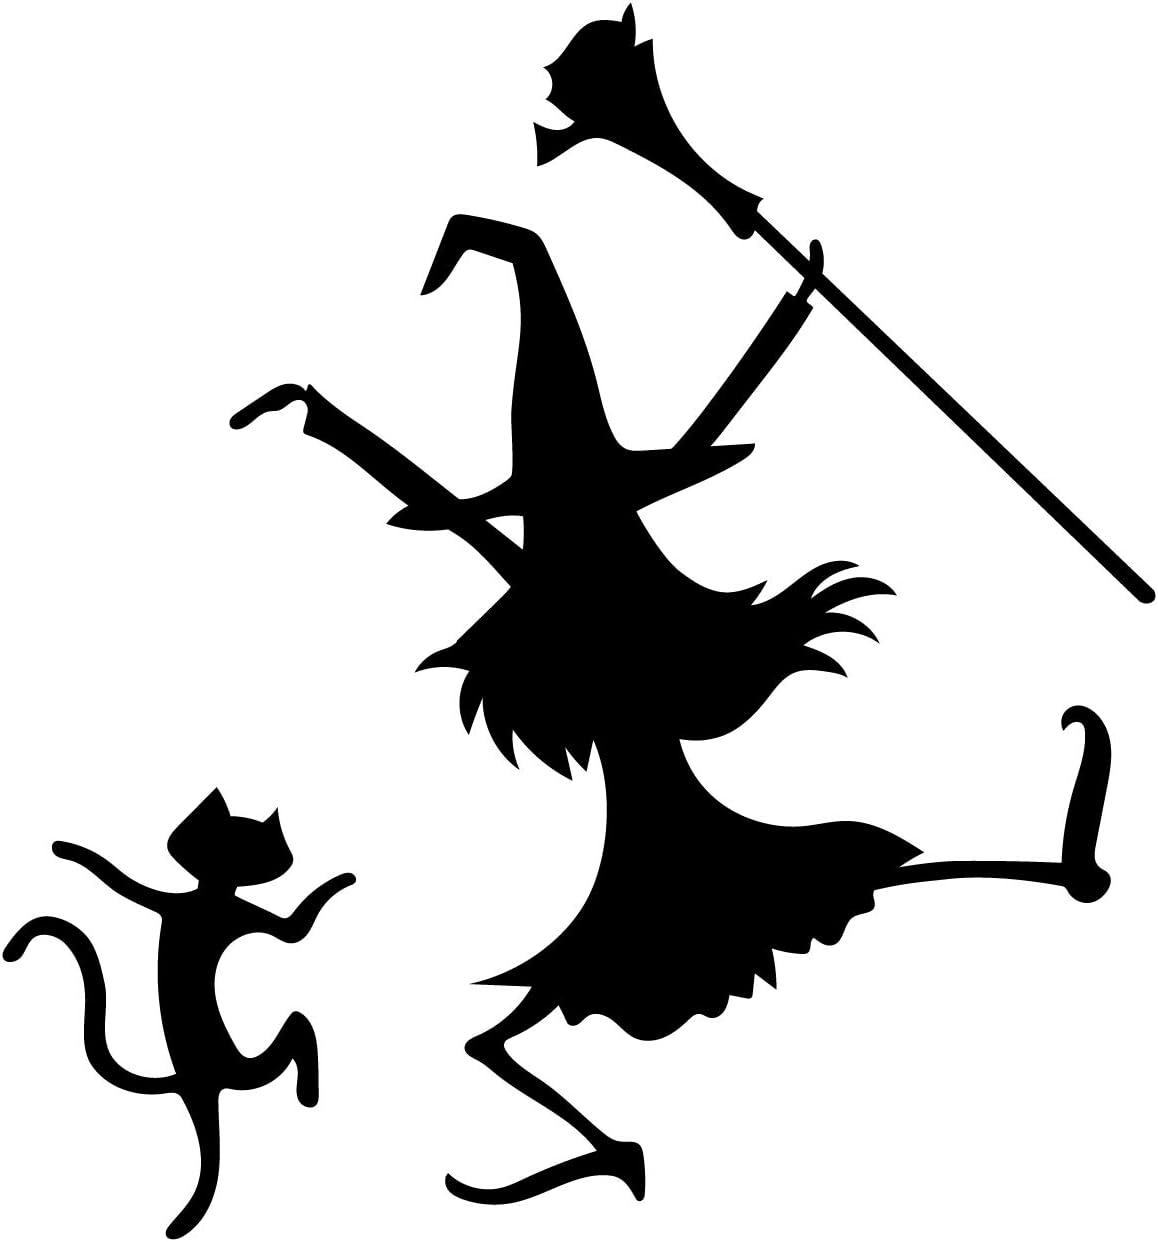 """Vinyl Wall Art Decal - Dancing Witch and Cat - 24.5"""" x 23"""" - Fun Halloween Theme Seasonal Decoration Sticker - Indoor Outdoor Wall Door Window Living Room Office Decor"""